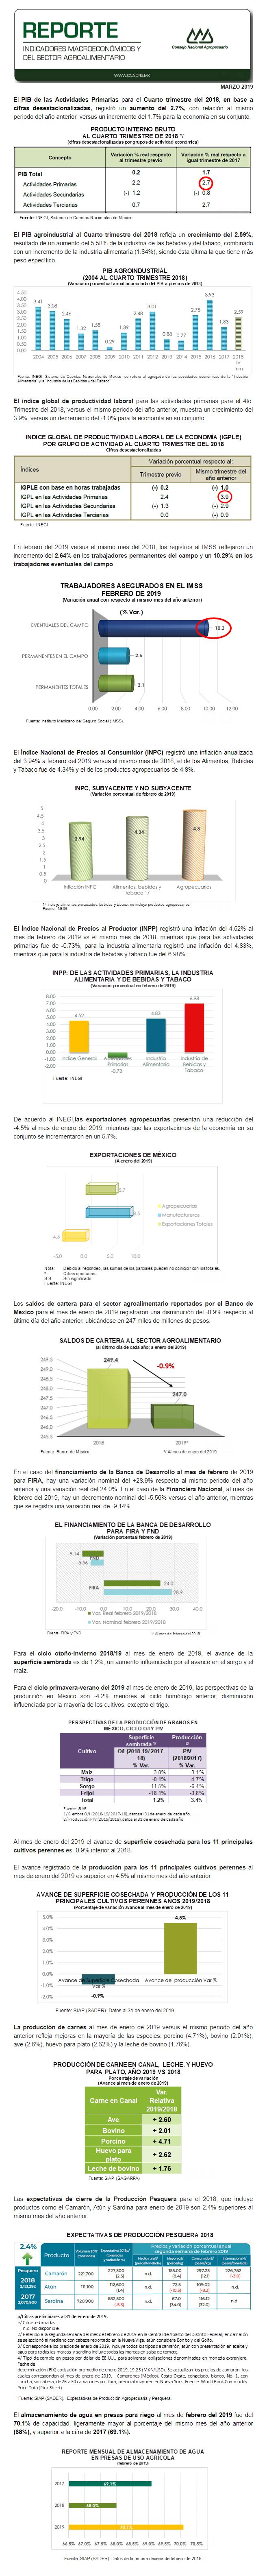 REPORTE DE INDICADORES MACROECONÓMICOS Y SECTORIALES DEL MES DE MARZO DEL 2019